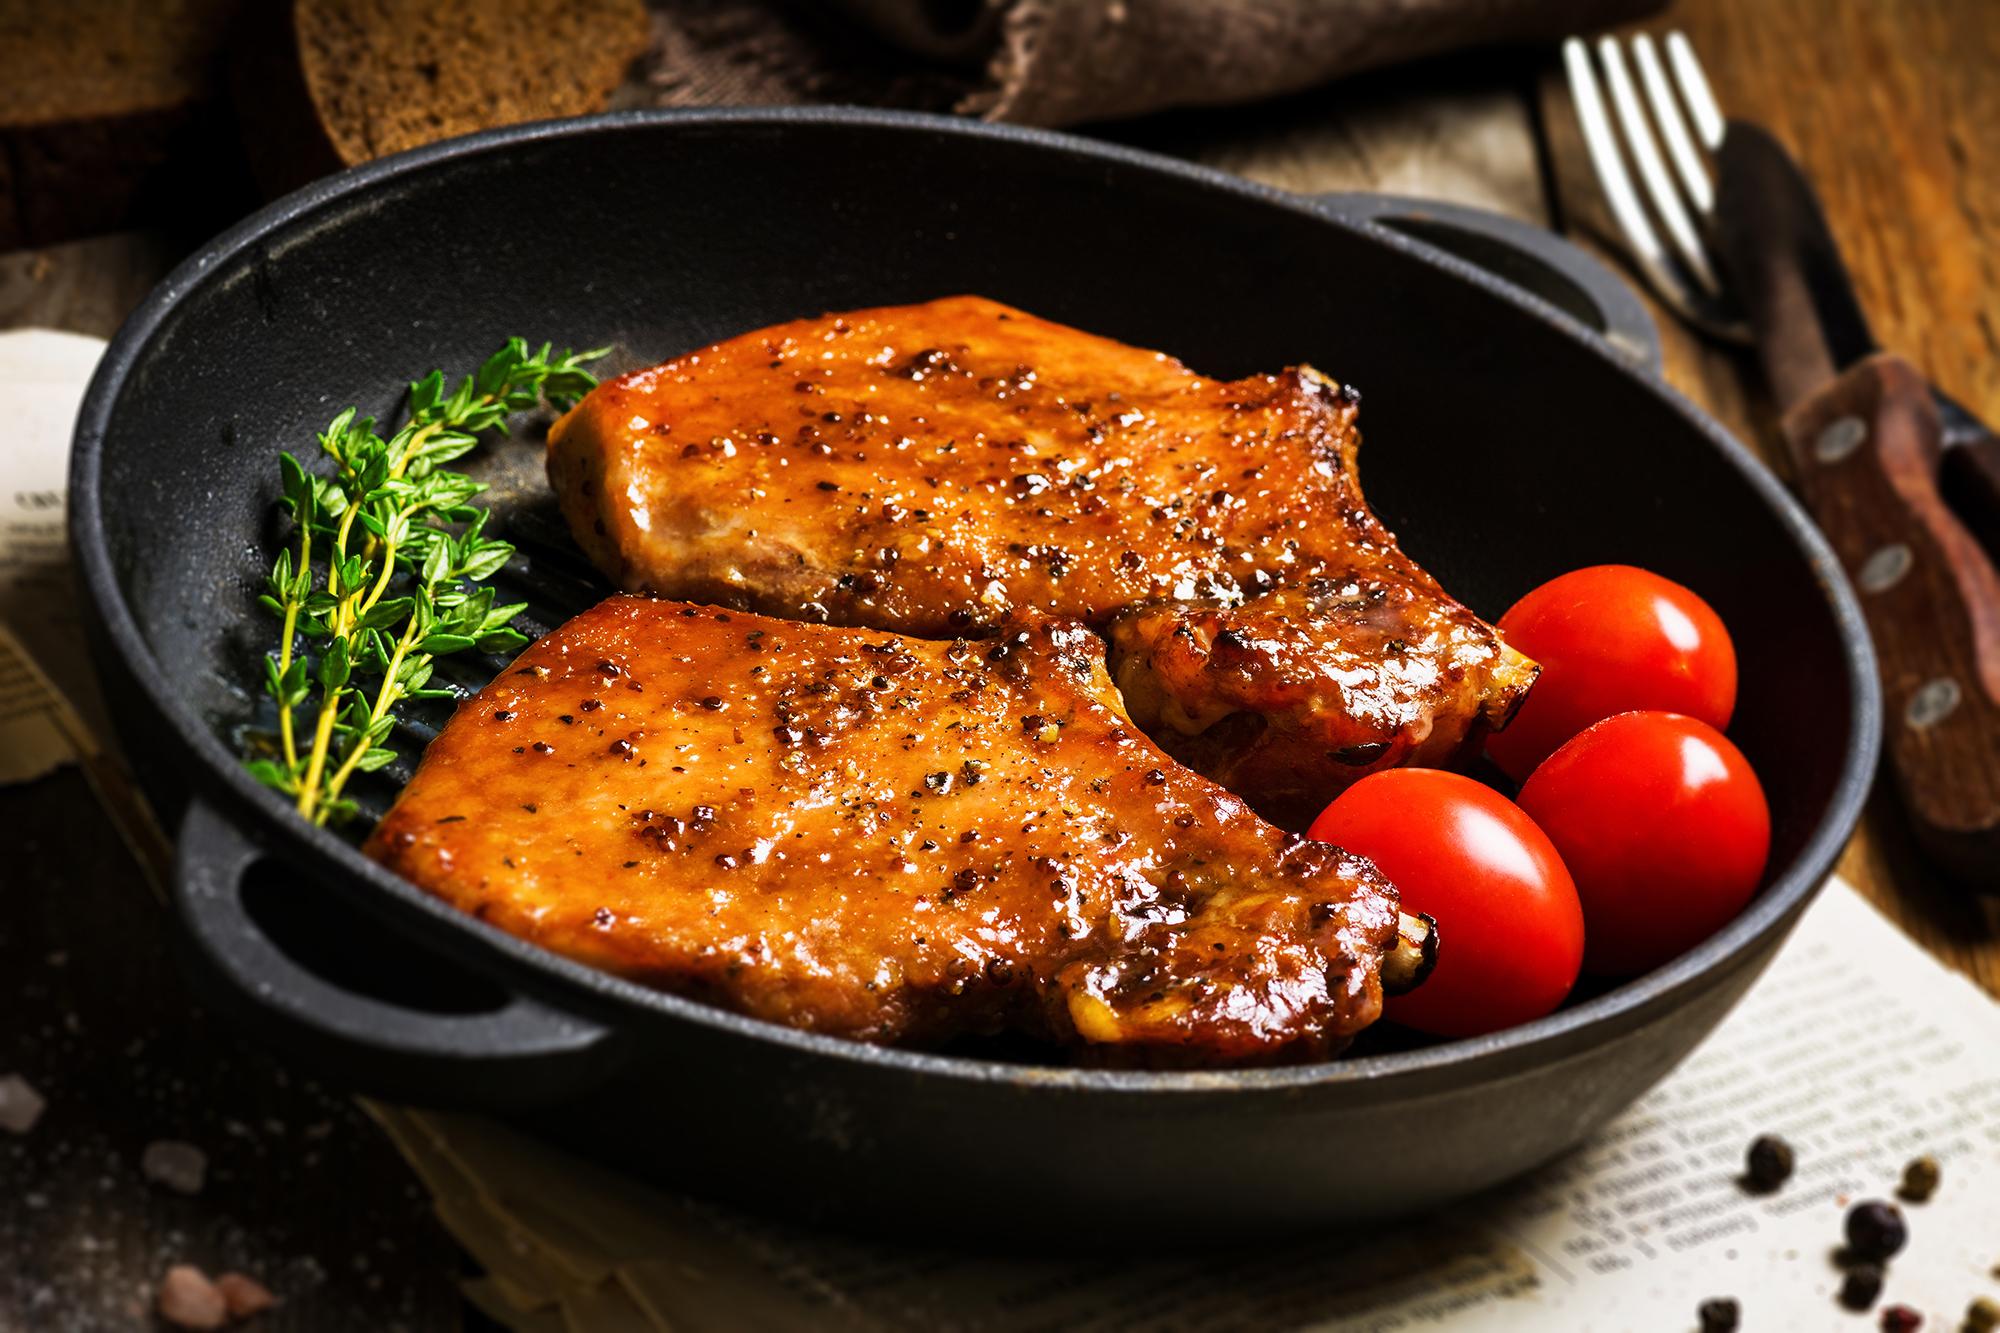 Sticky Pork Chops